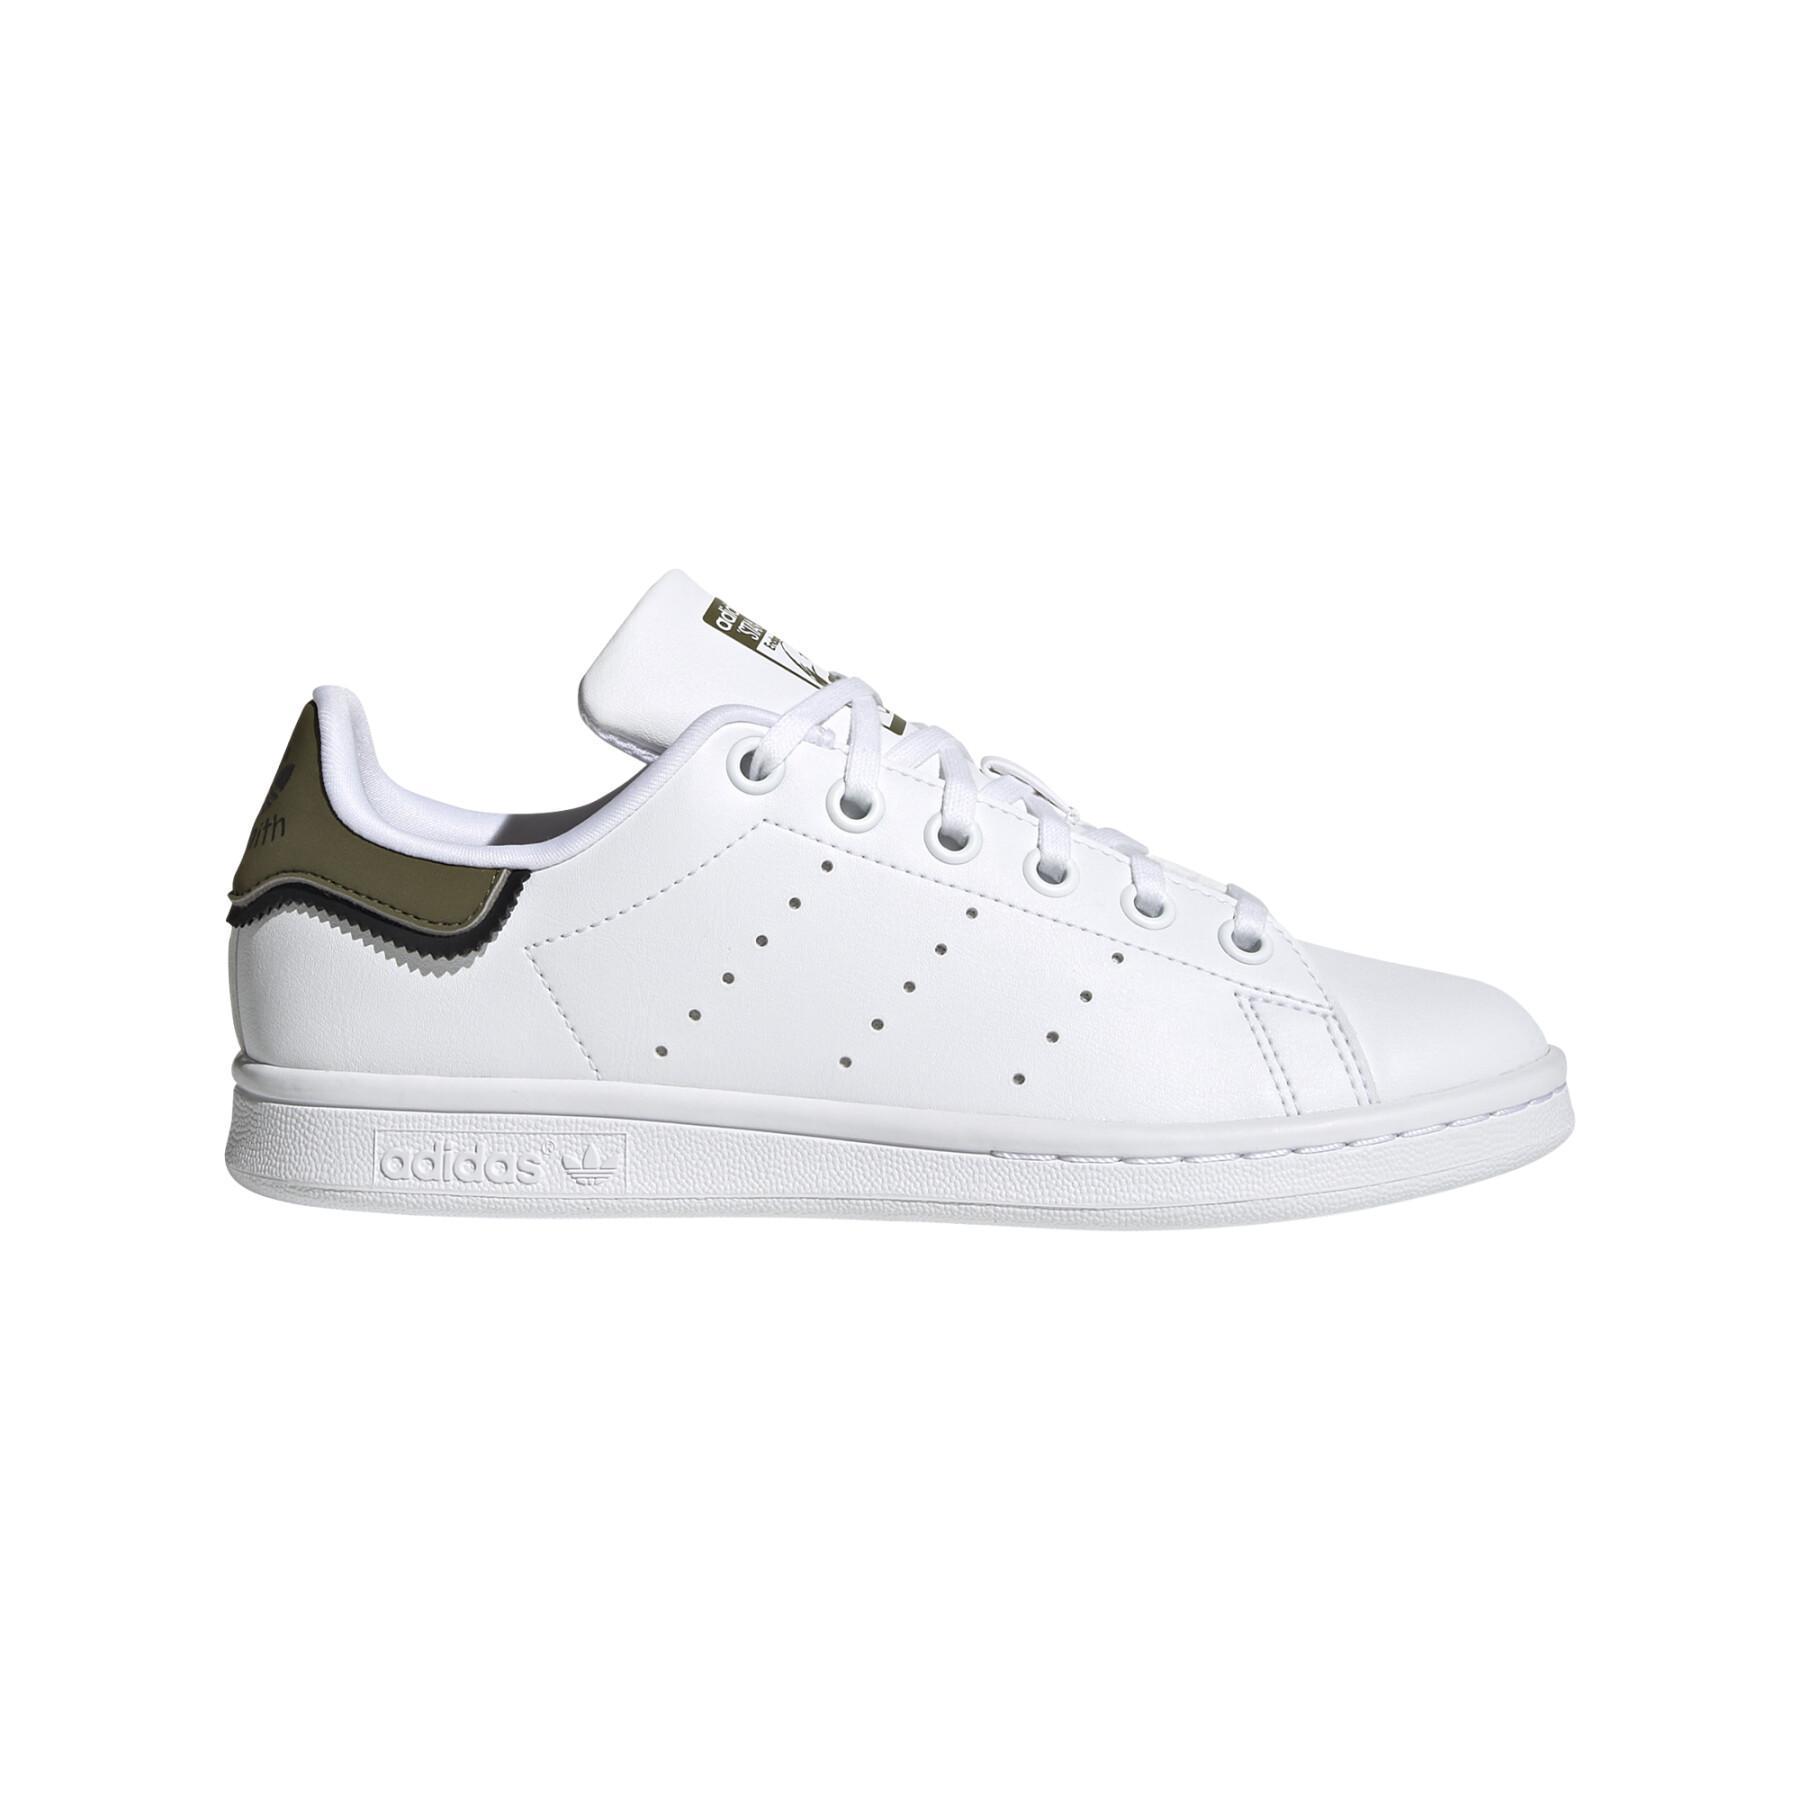 Children's sneakers adidas Originals Stan Smith